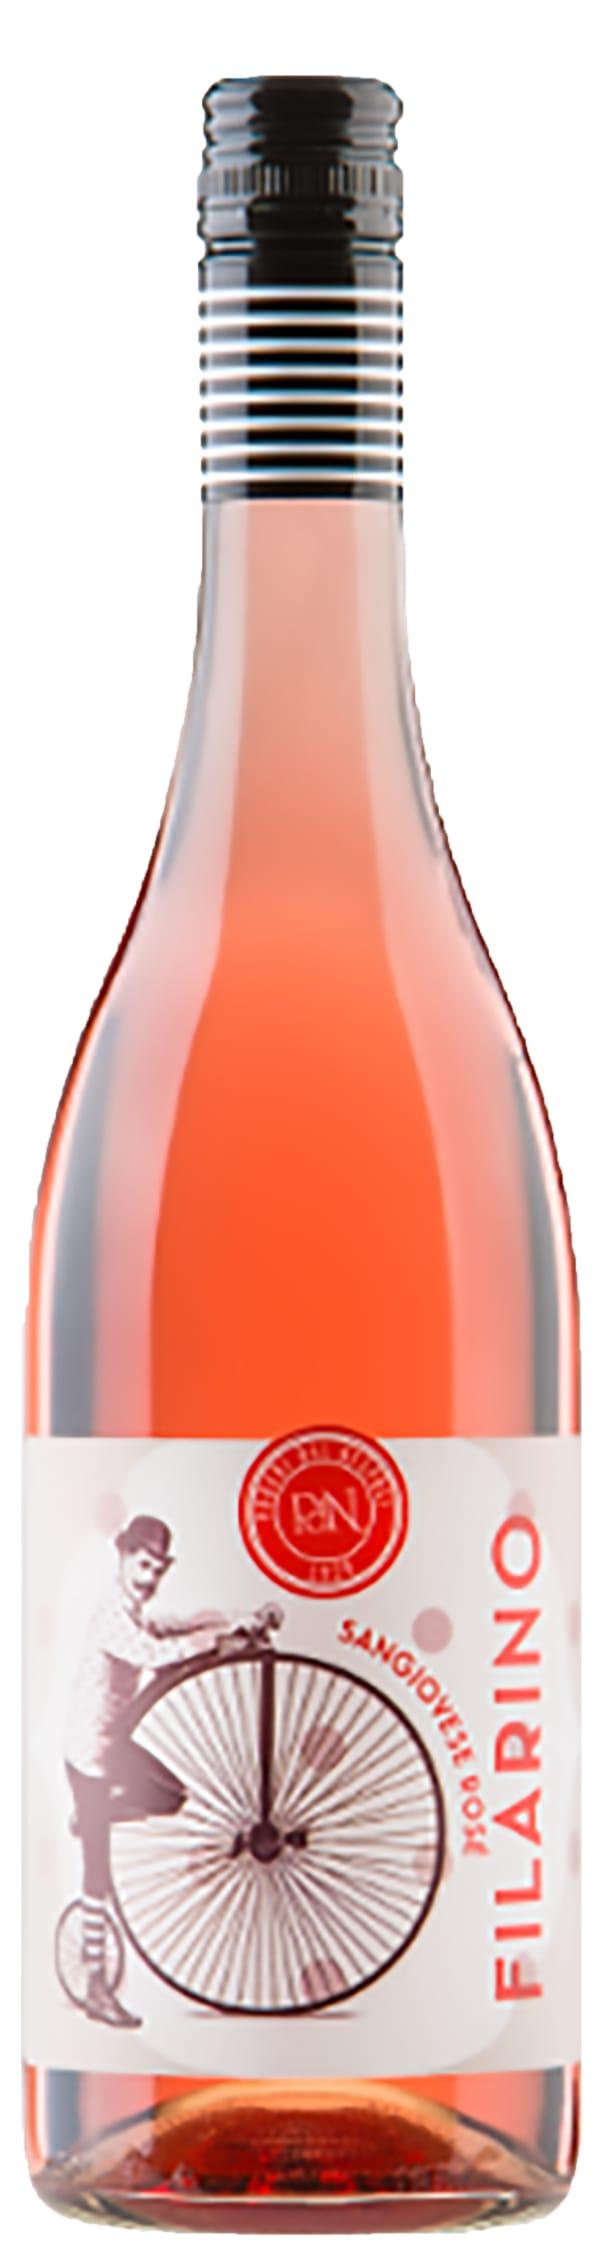 Filarino Rosé Sangiovese 2016